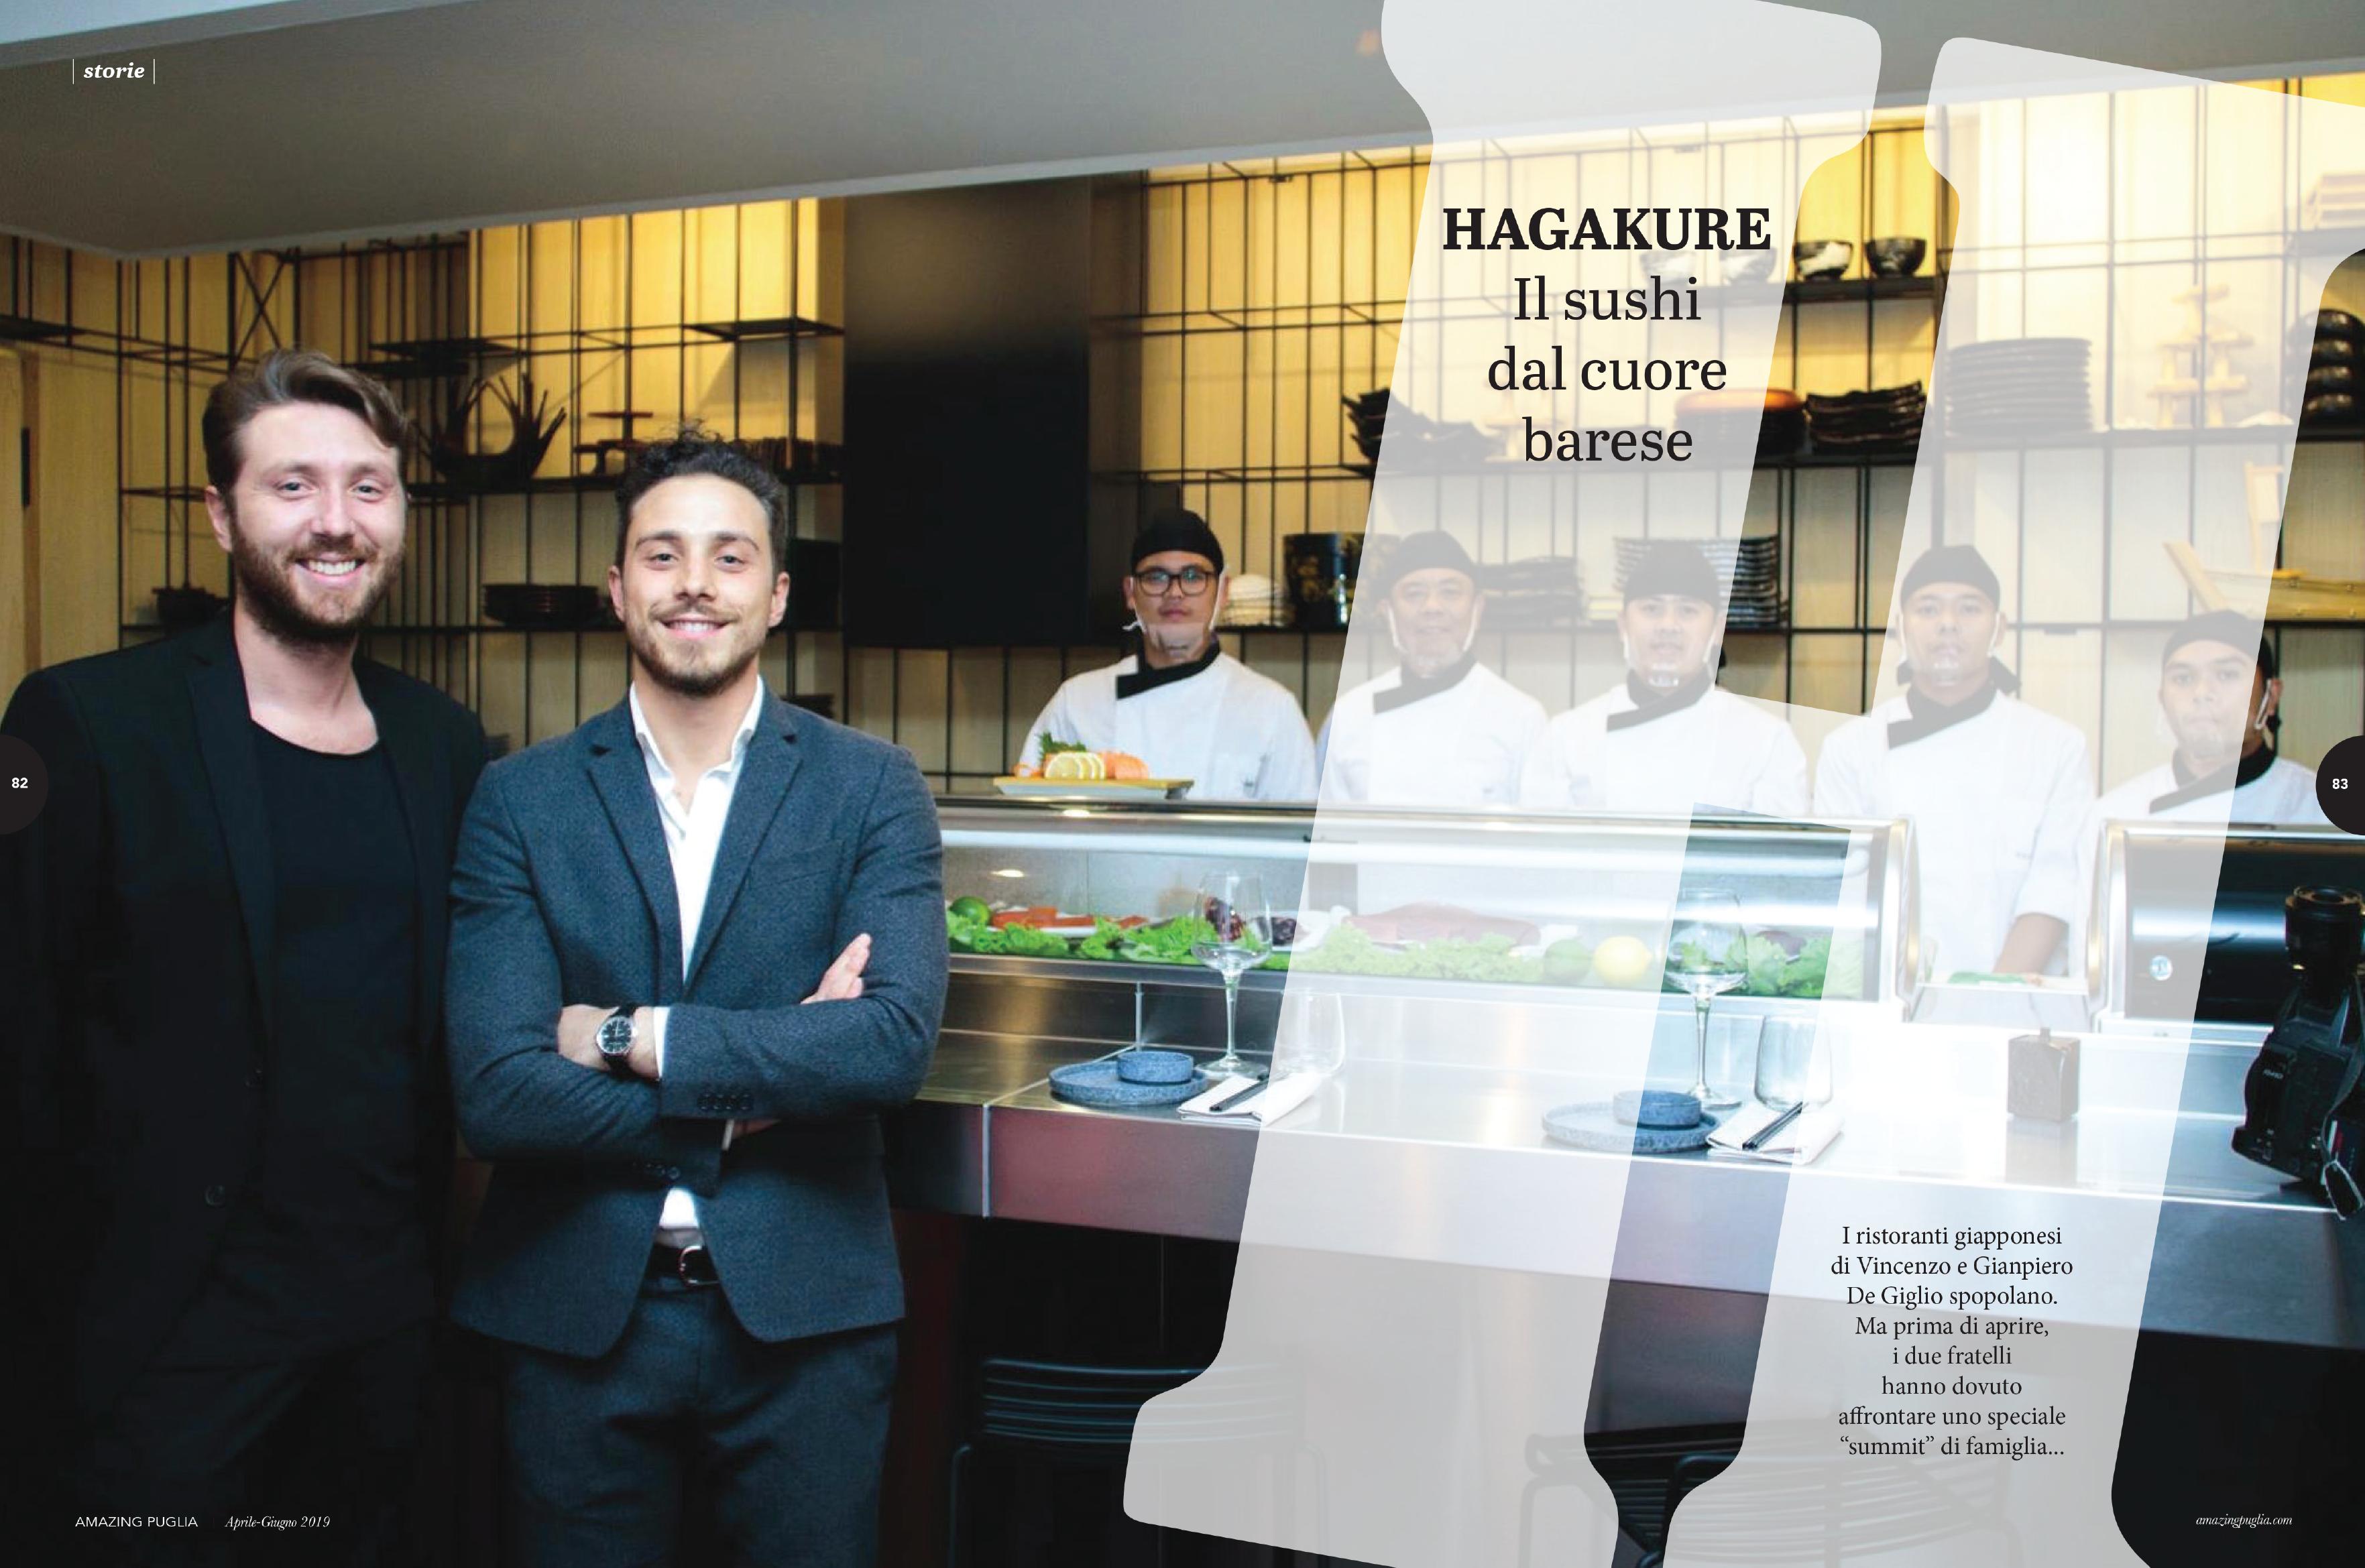 hagakure sushi fusion La storia di Hagakure sul magazine Amazing Puglia